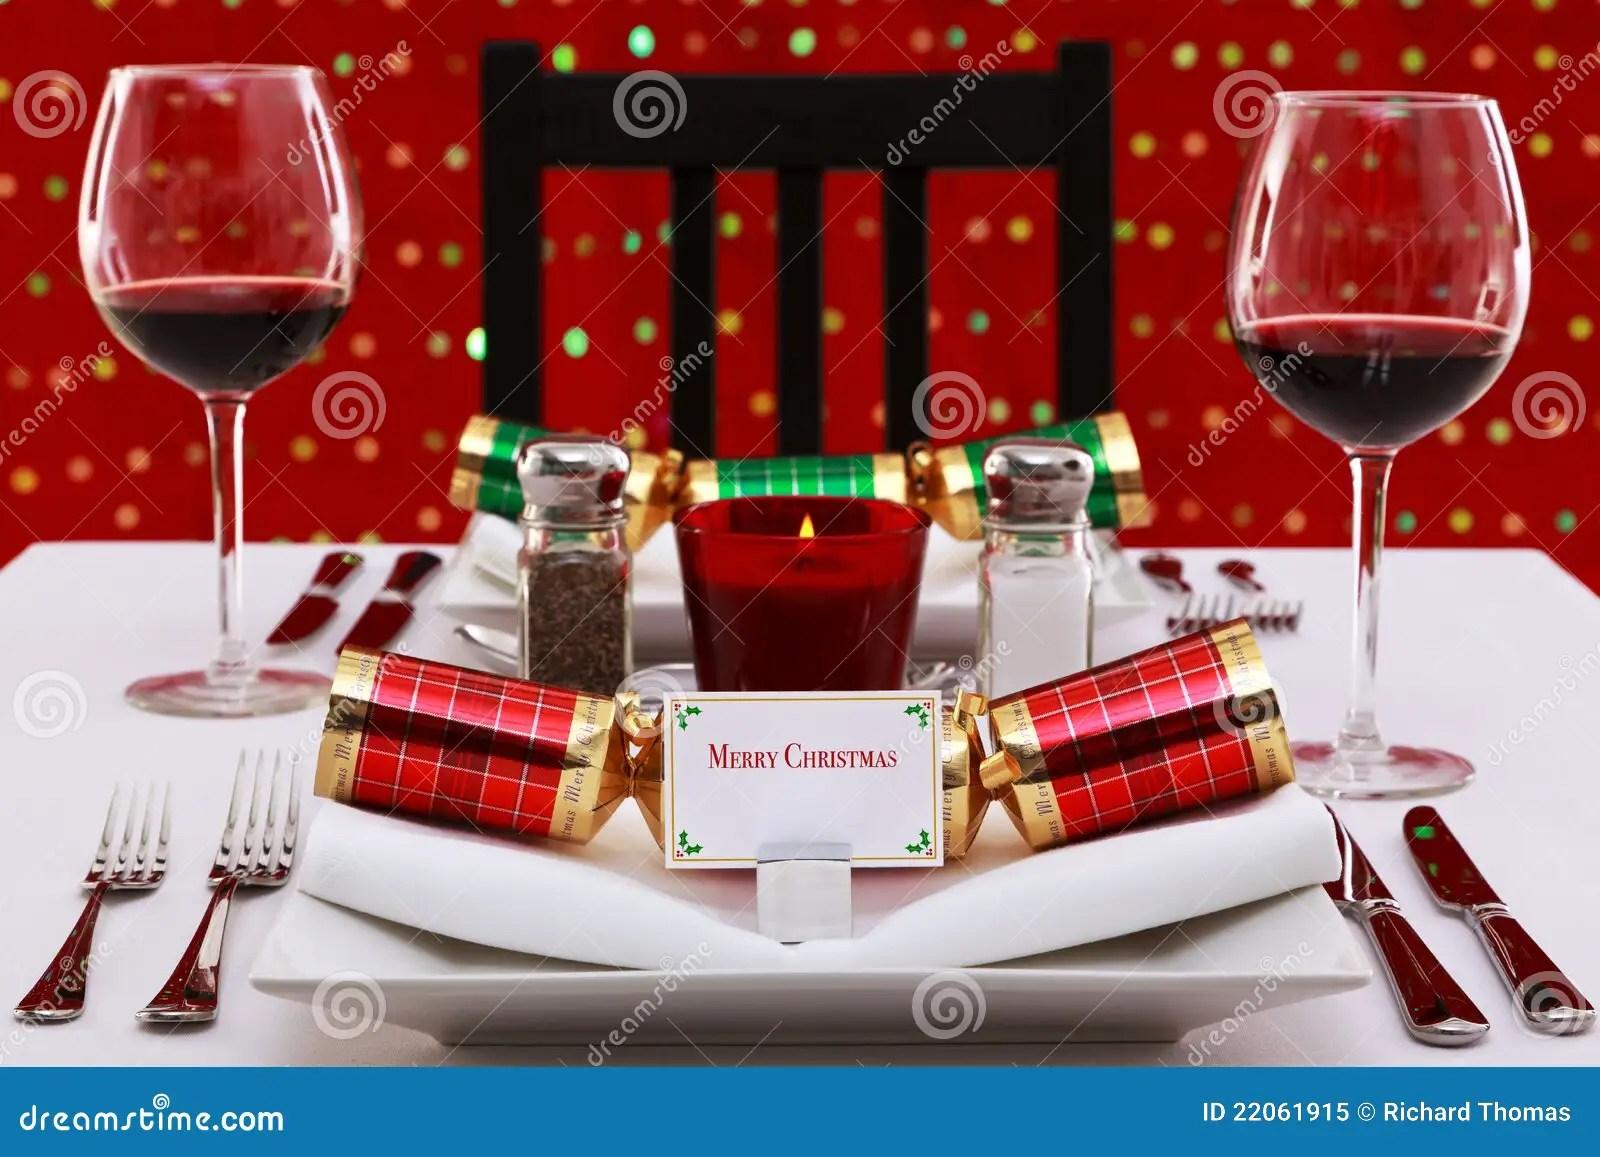 Christmas Table Place Setting Horizontal Stock Image